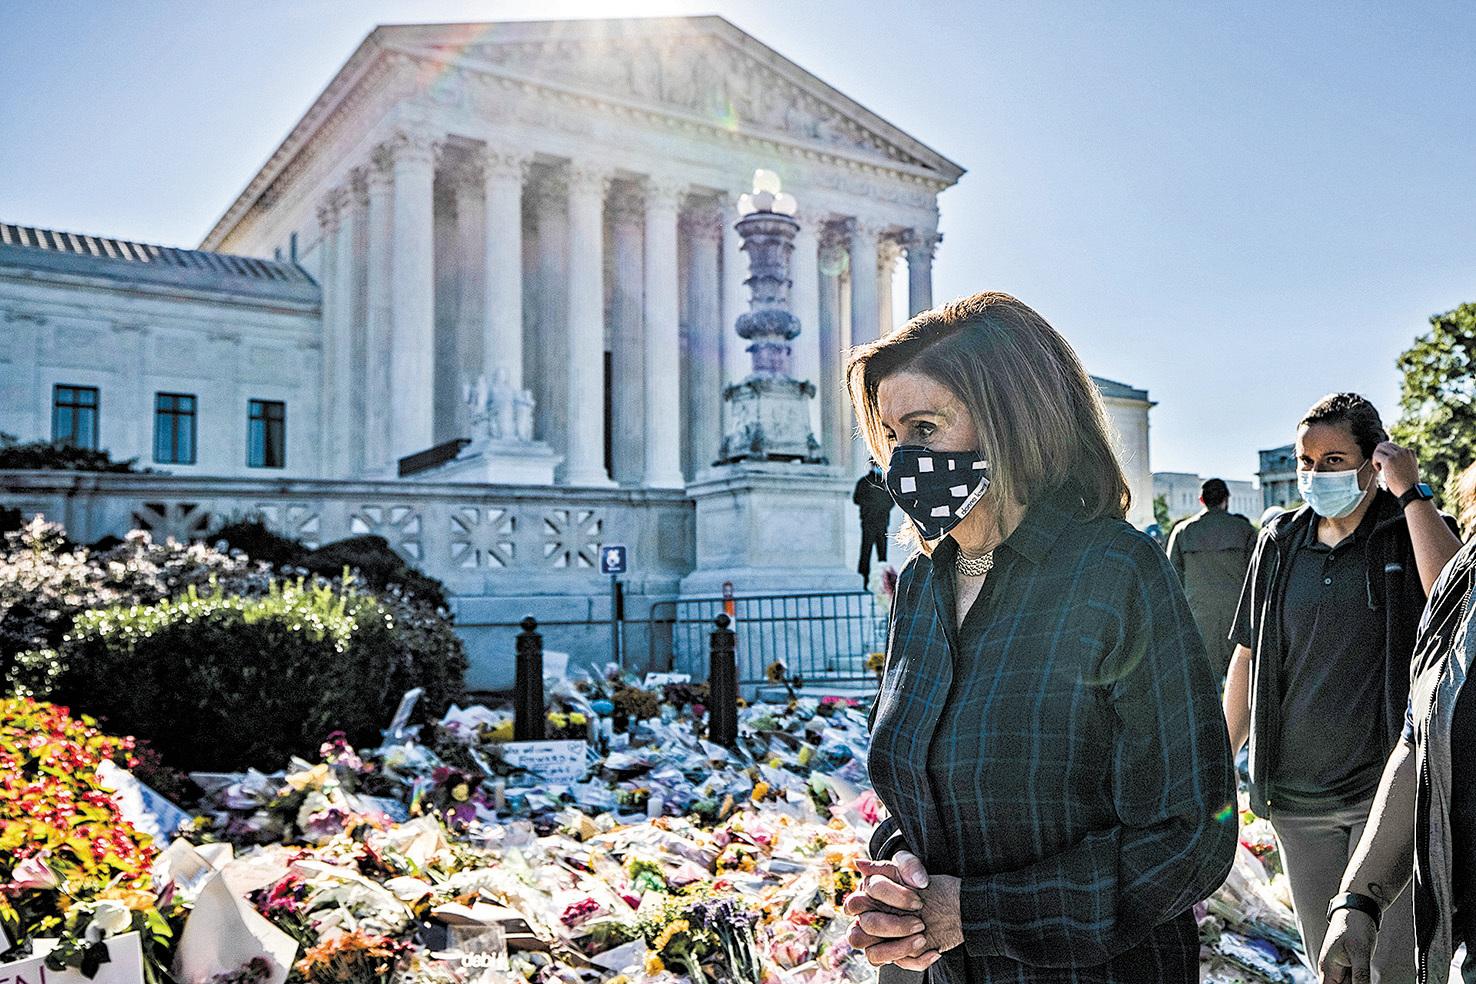 眾議院議長佩洛西20日前往最高法院參加悼念金斯伯格活動。(Getty Images)